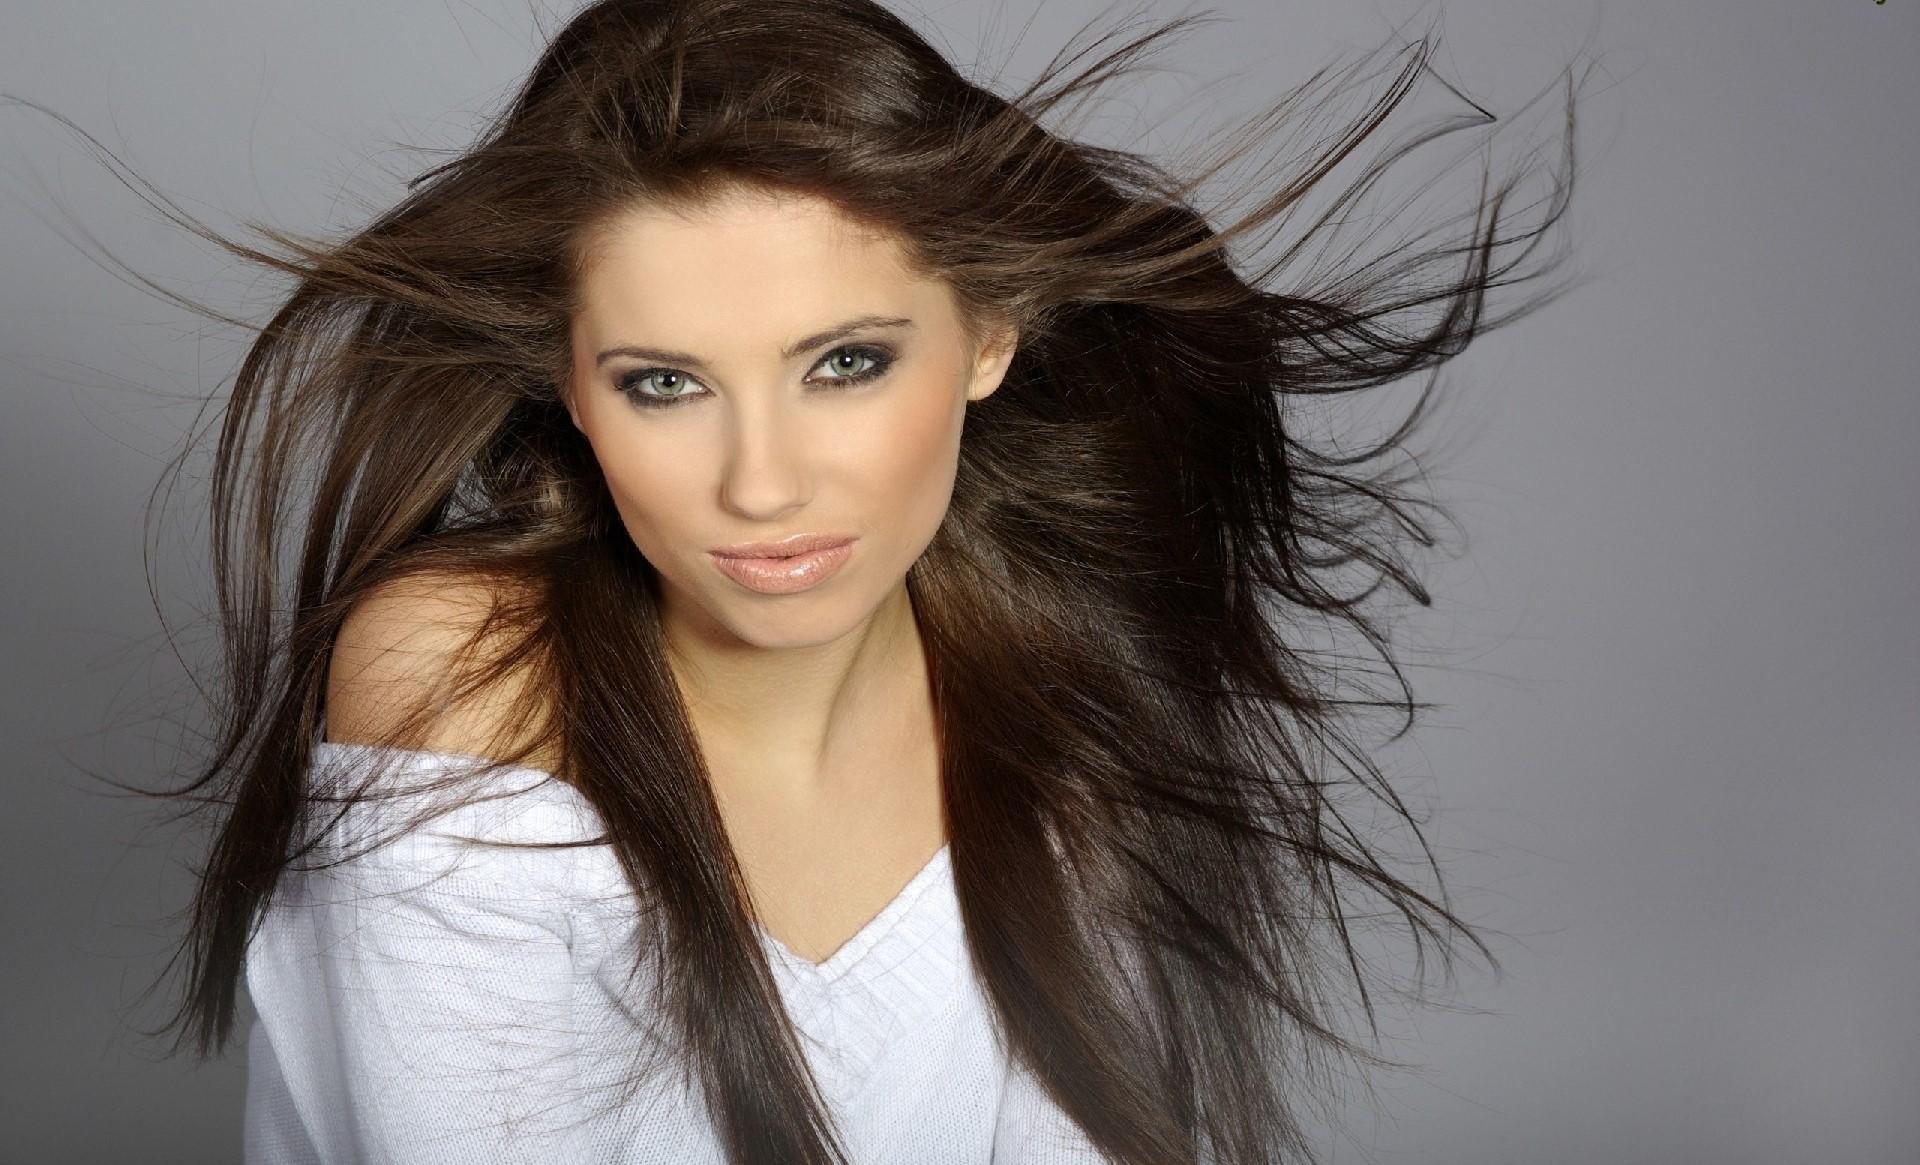 Wie können wir die Elektriesierung unserer Haare verhindern